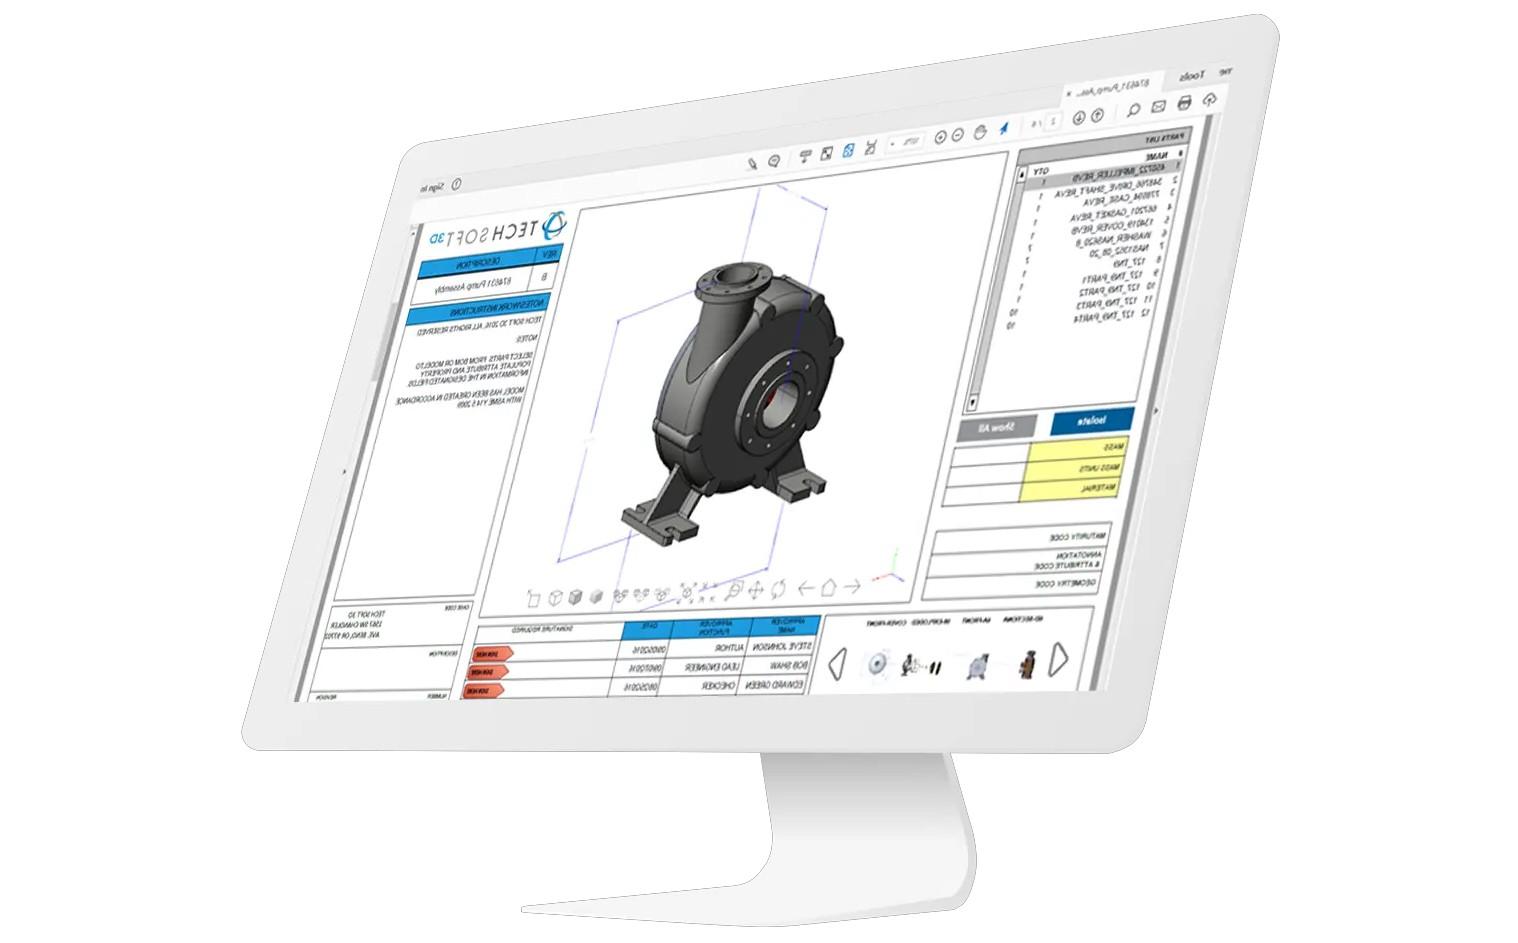 在产品手册中插入3D模型,简化了航空航天客户的技术插图工作流程